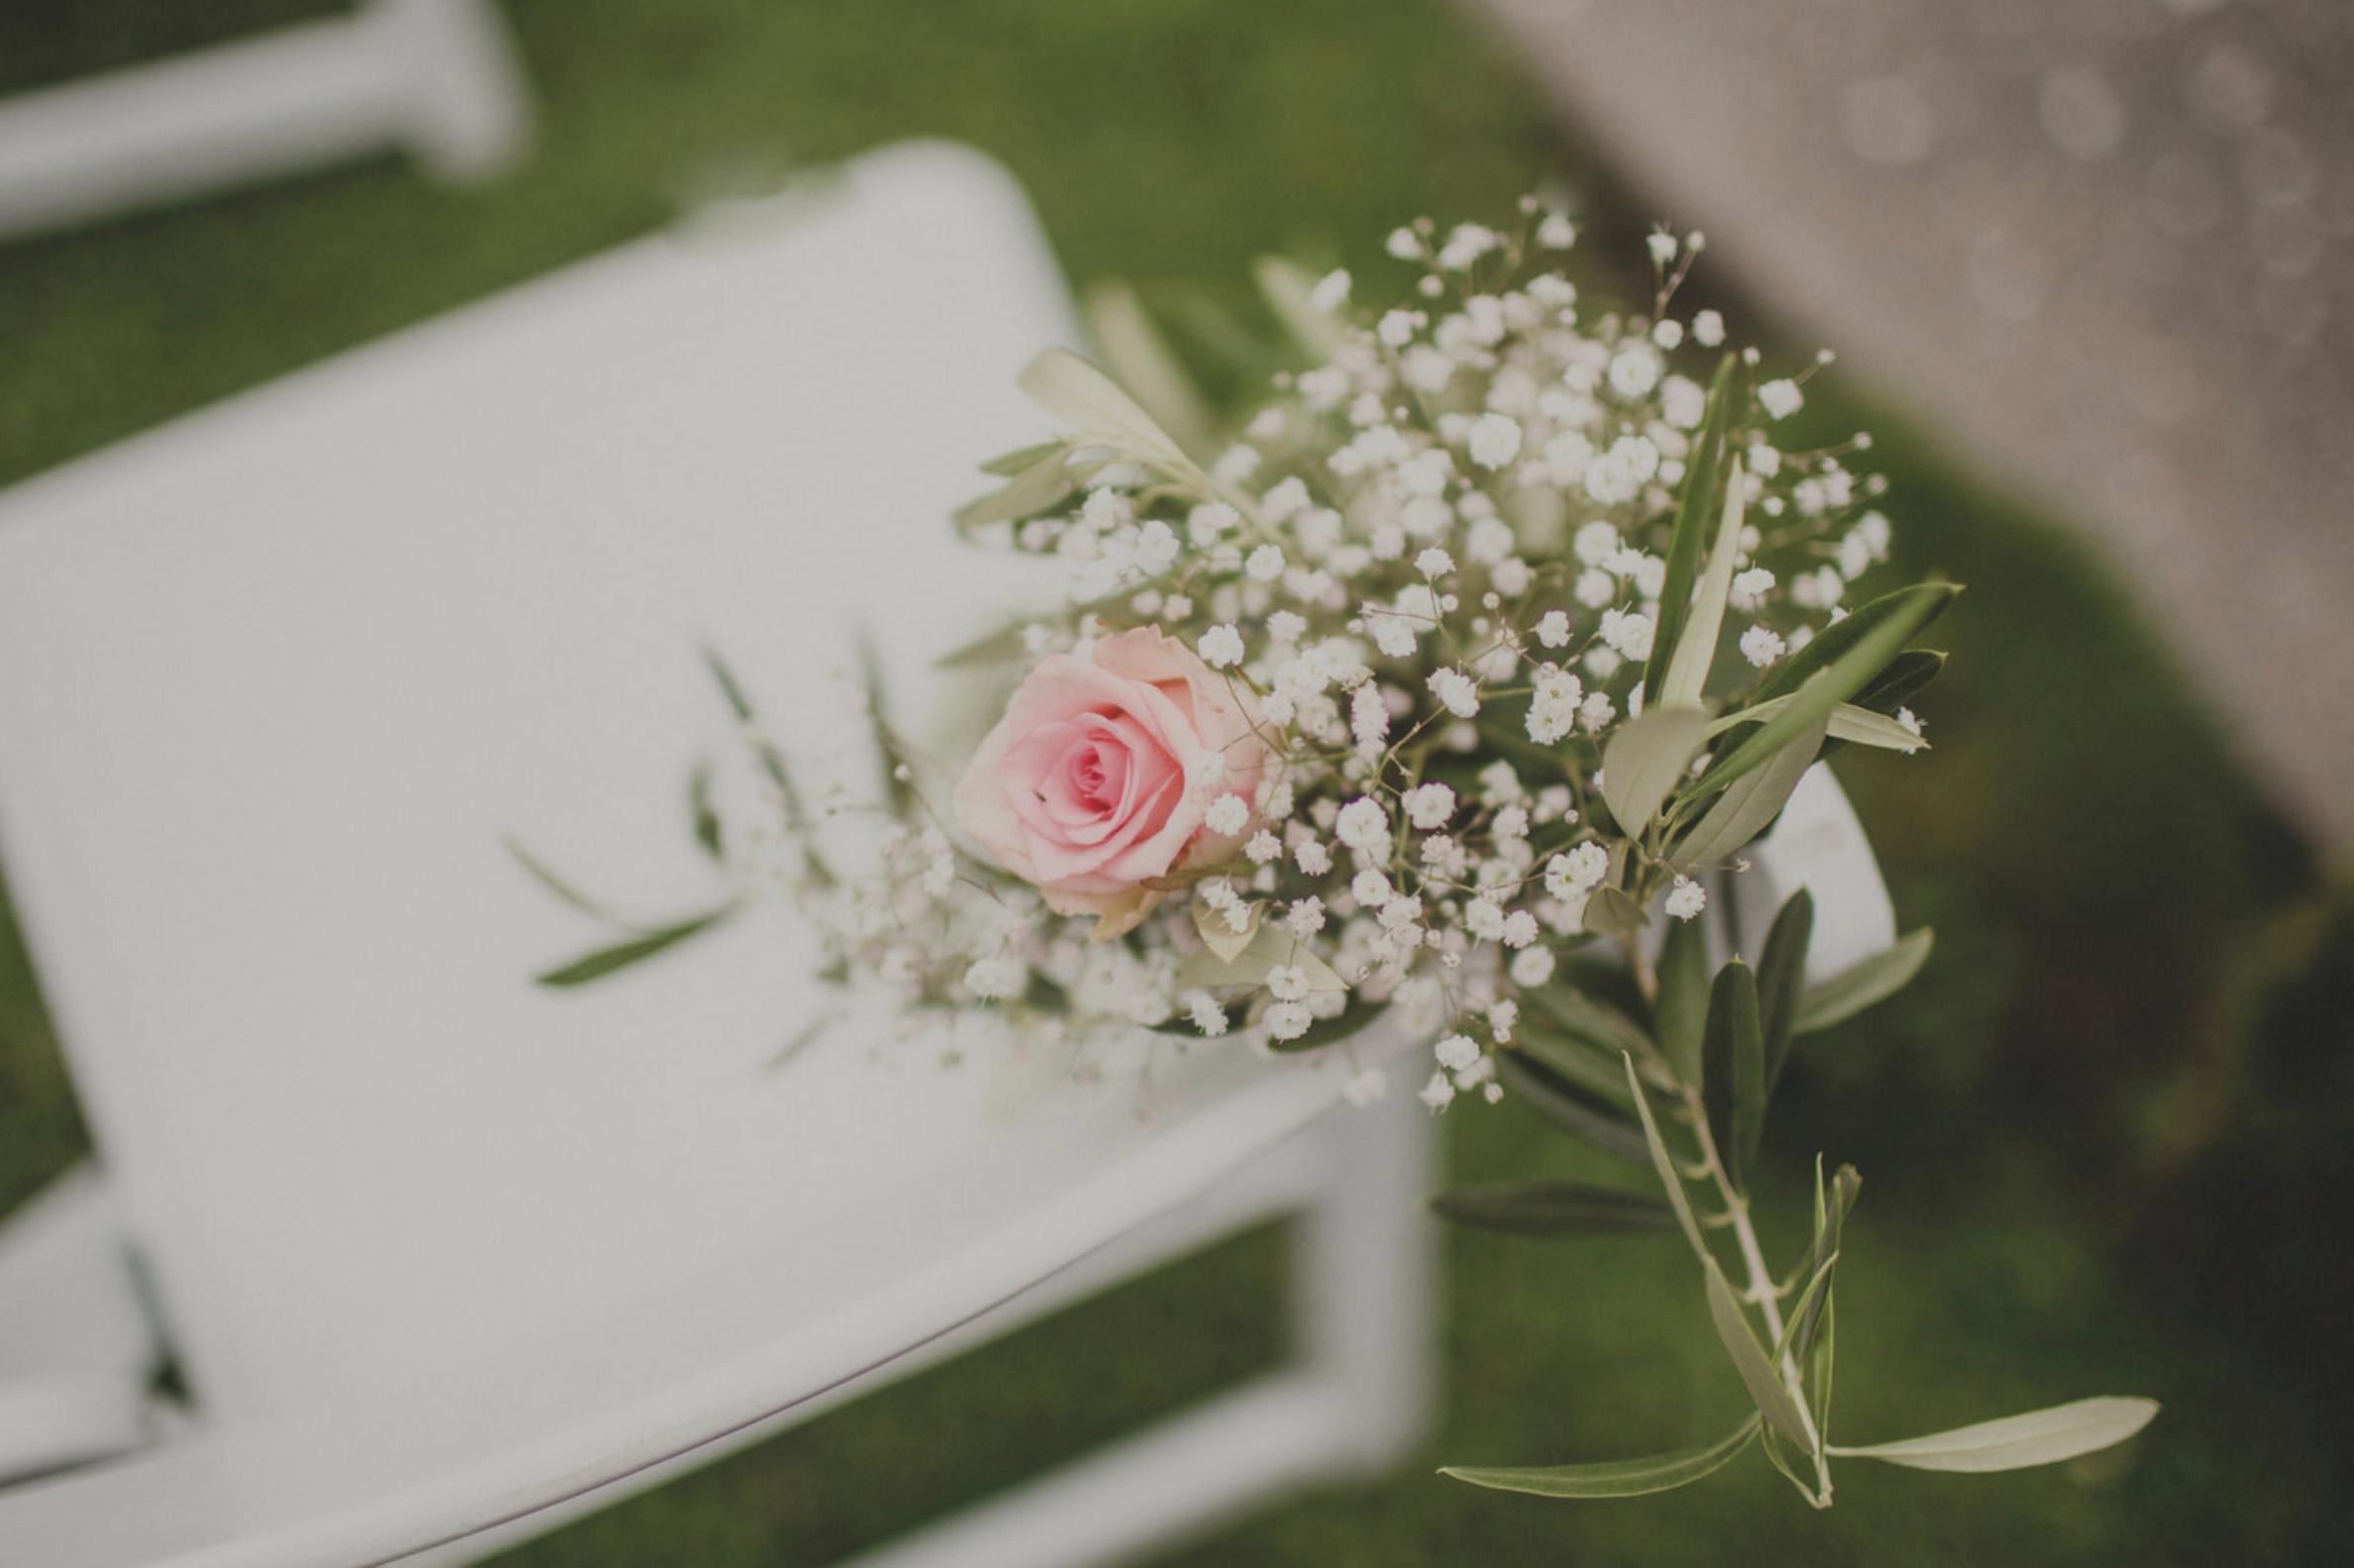 Wedding floral details